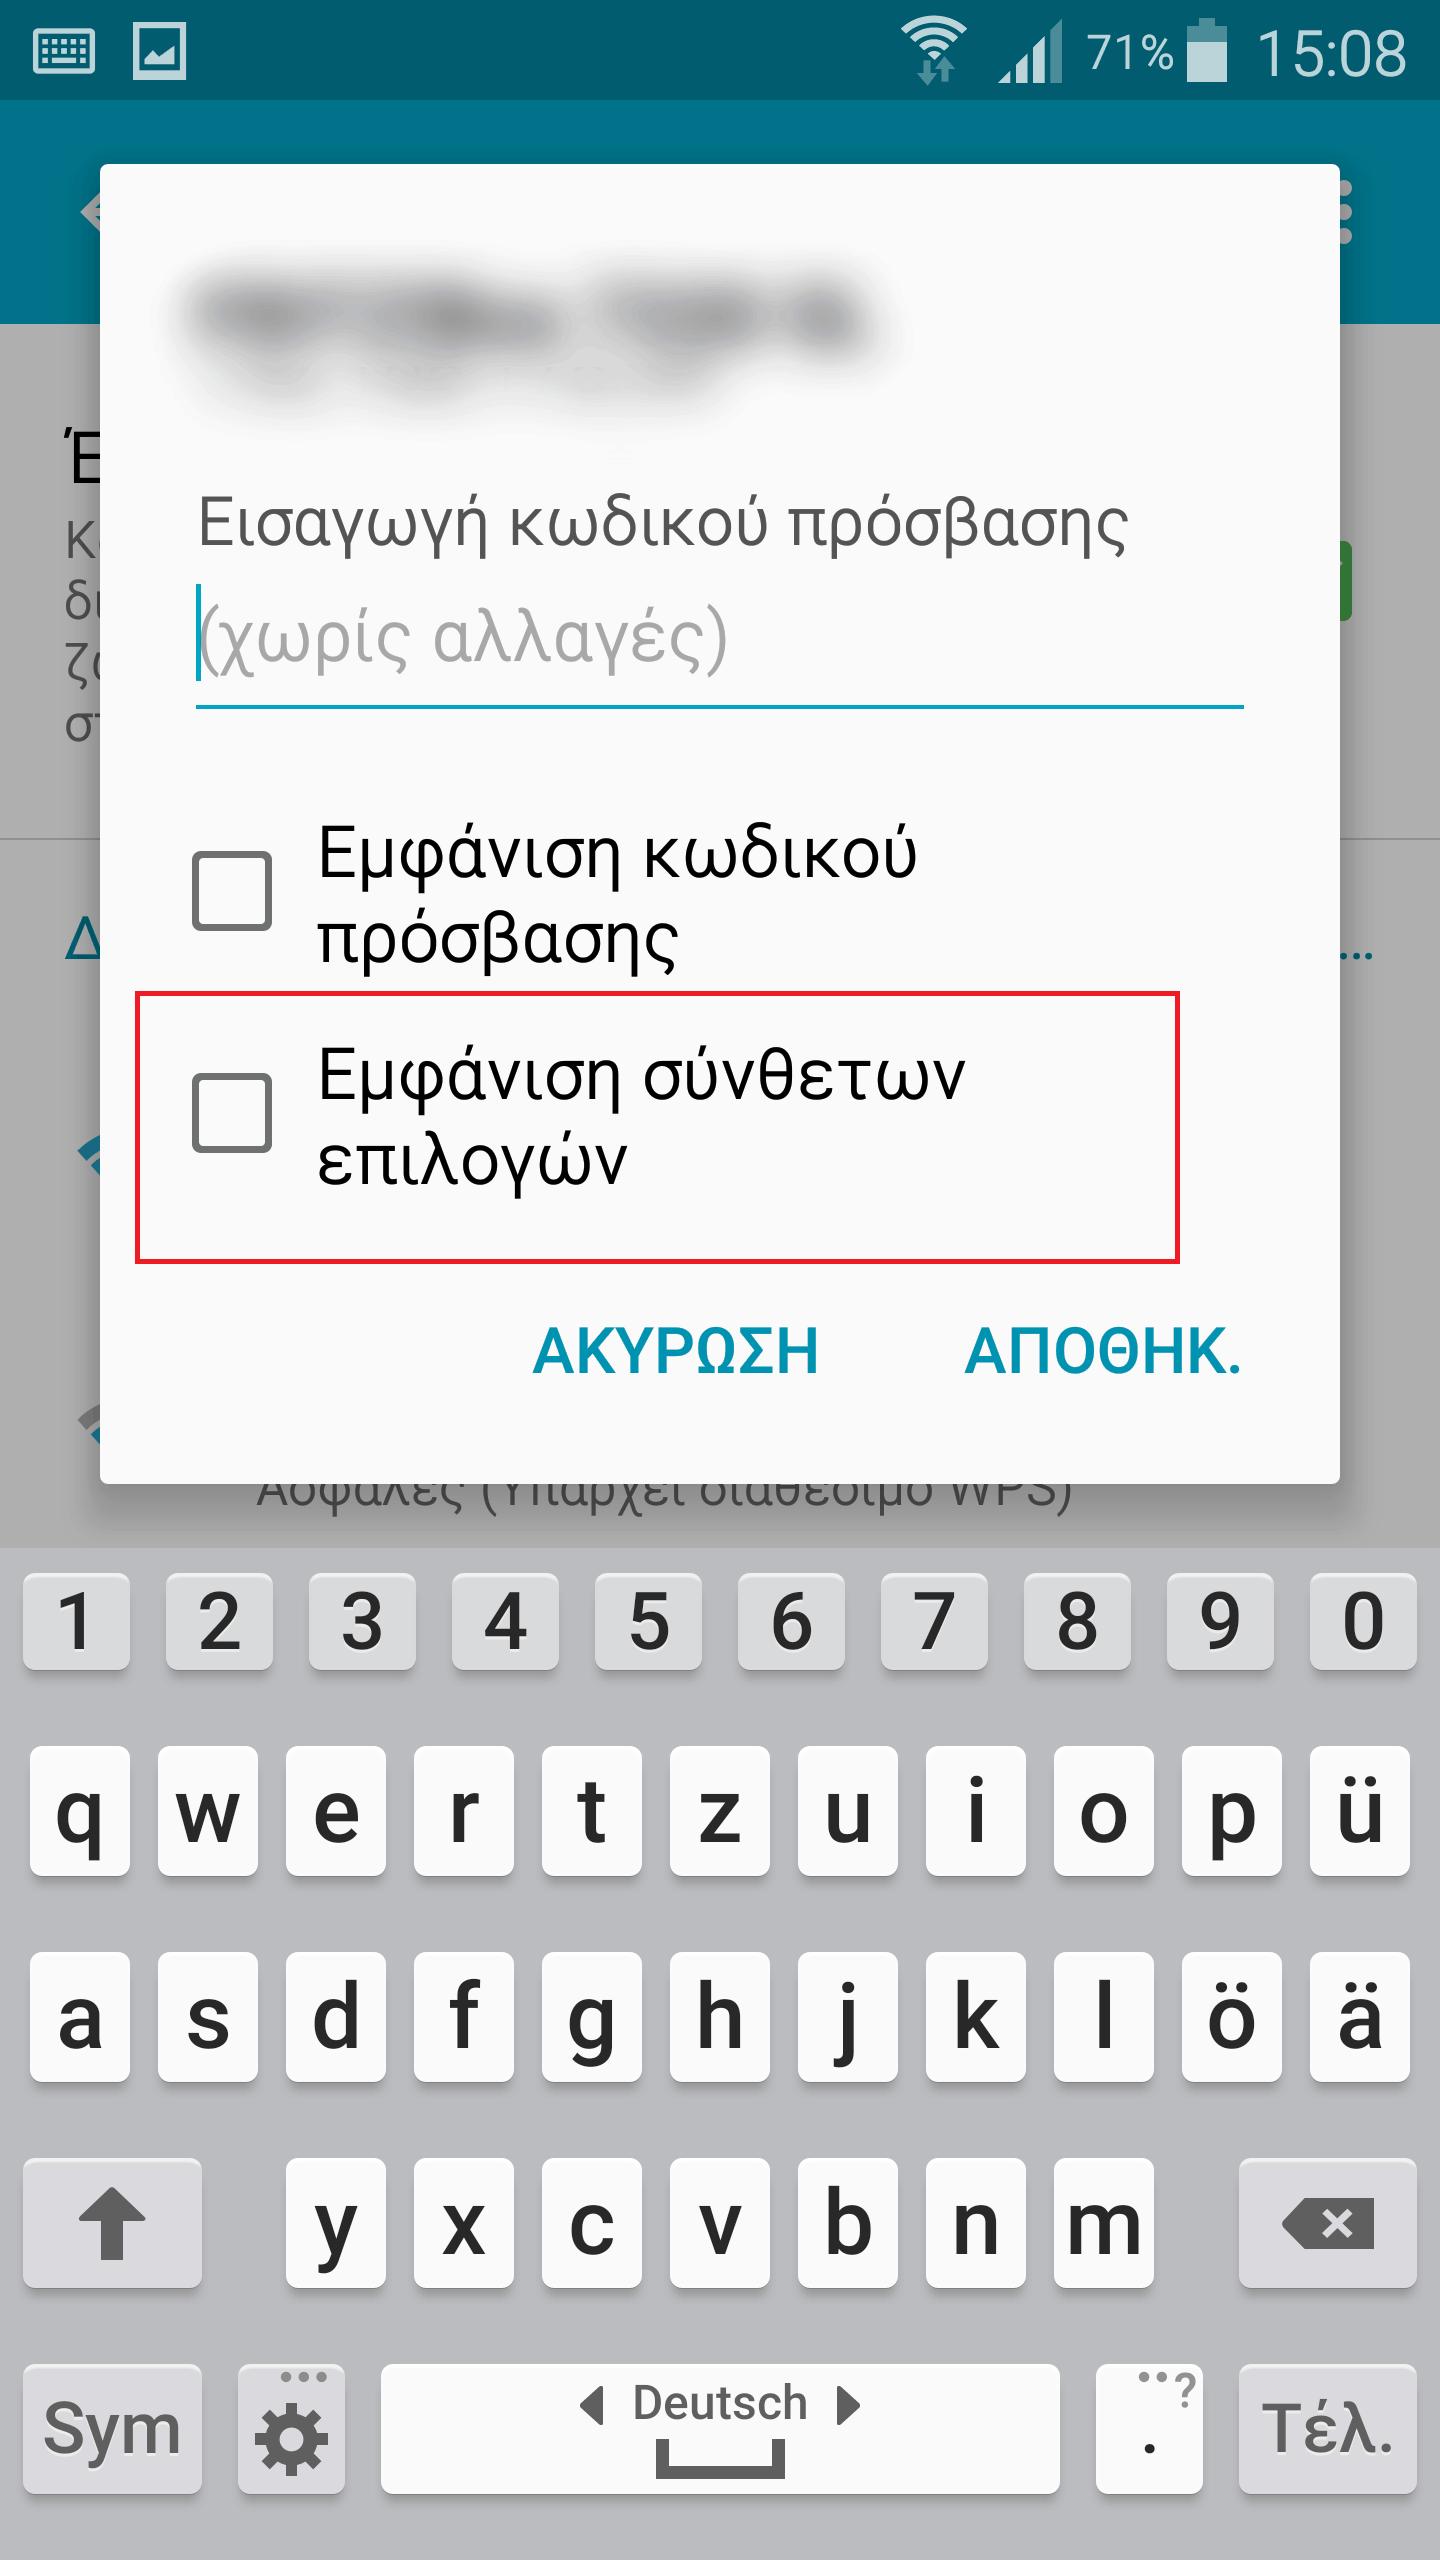 Δωρεάν πορνό κωδικό πρόσβασης